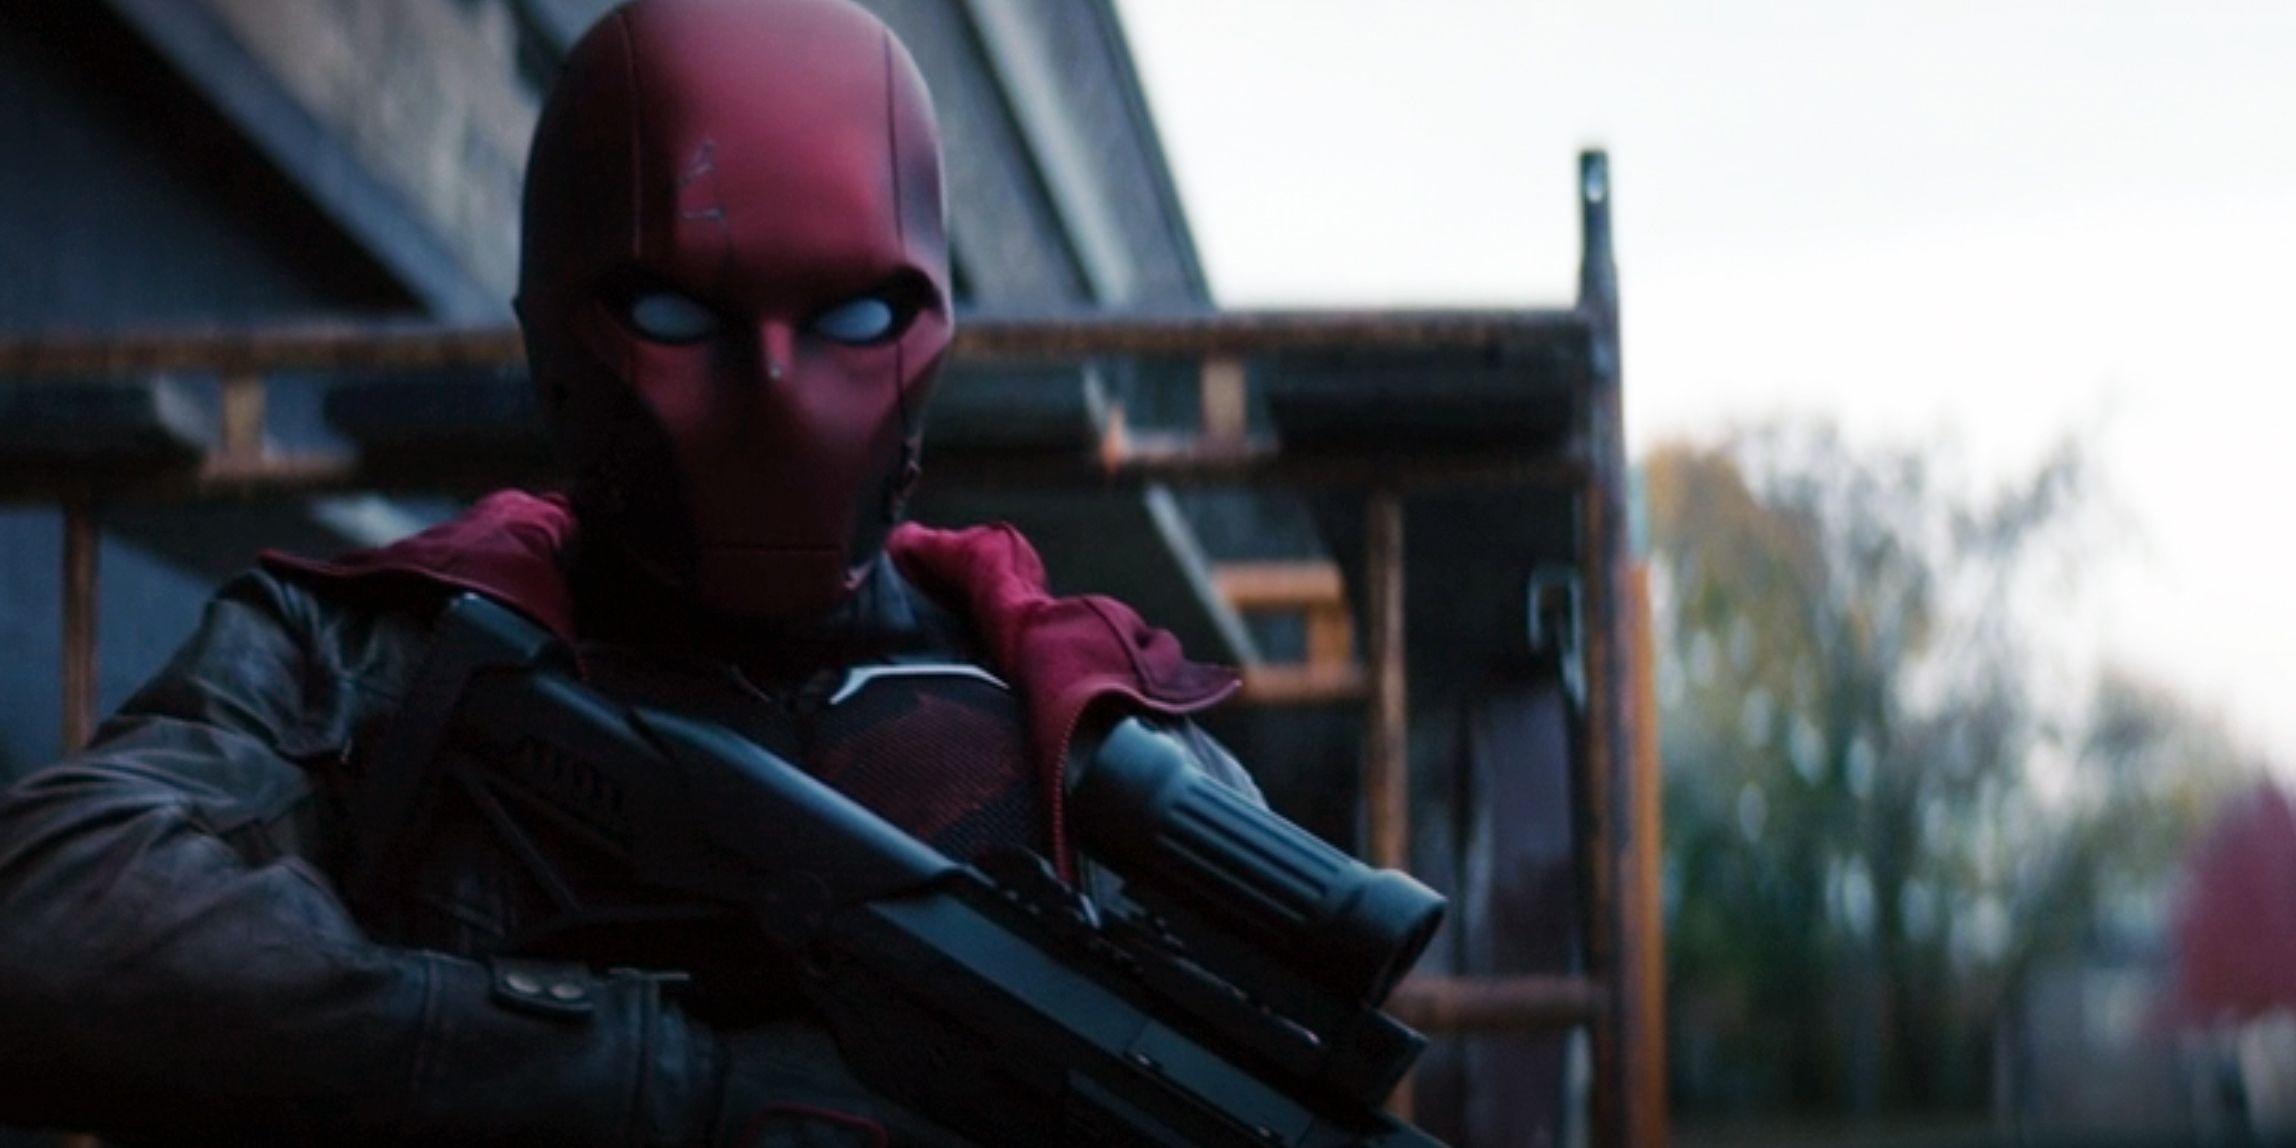 Titans Recap & Spoilers: Season 3, Episode 4, 'Blackfire' | CBR